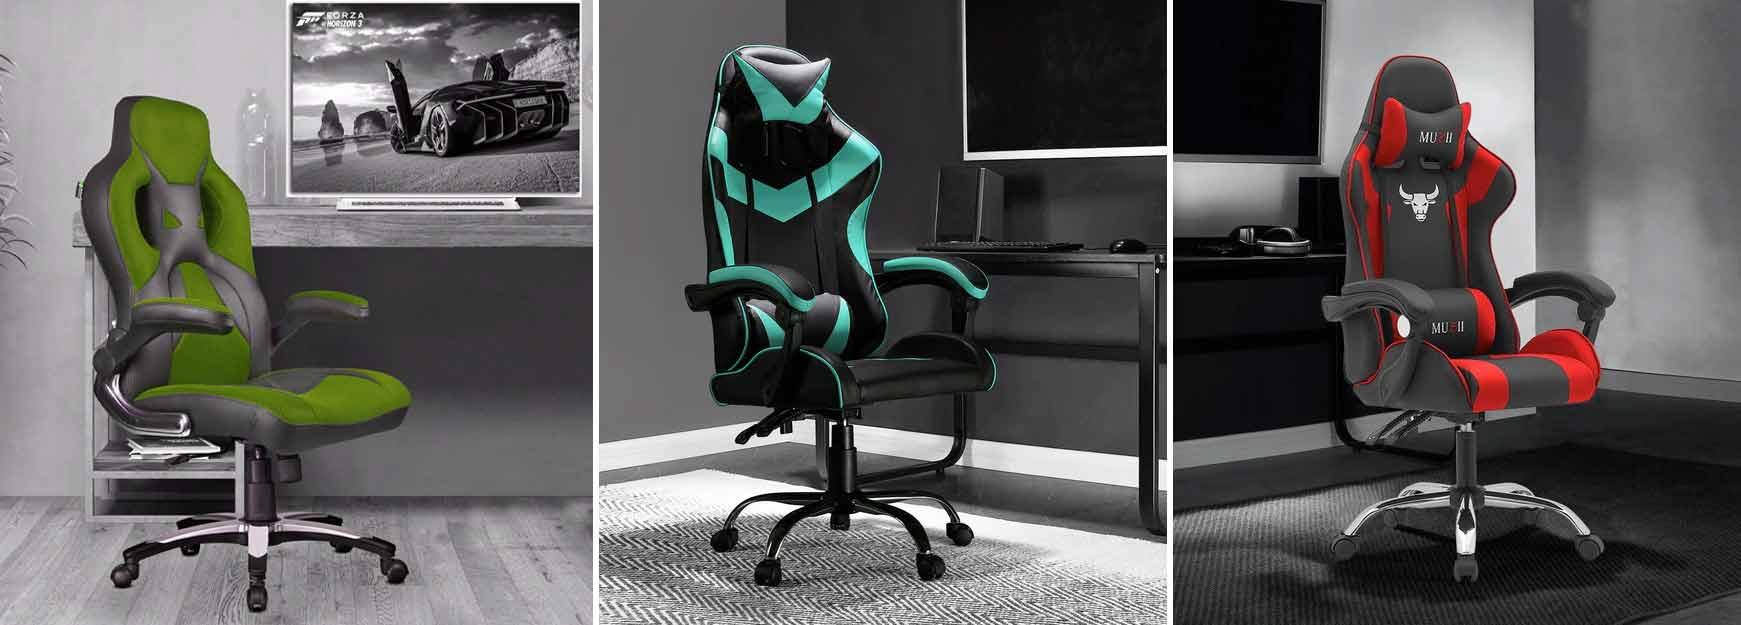 صندلی-مخصوص-بازی-صندلی-گیمینگ-صندلی-بازی-gaming-chair-صندلی-ارگونومیک-ارگونومی-در-صندلی-بهتر-از-صندلی-های-اداری-gaming-ergonomic-chair